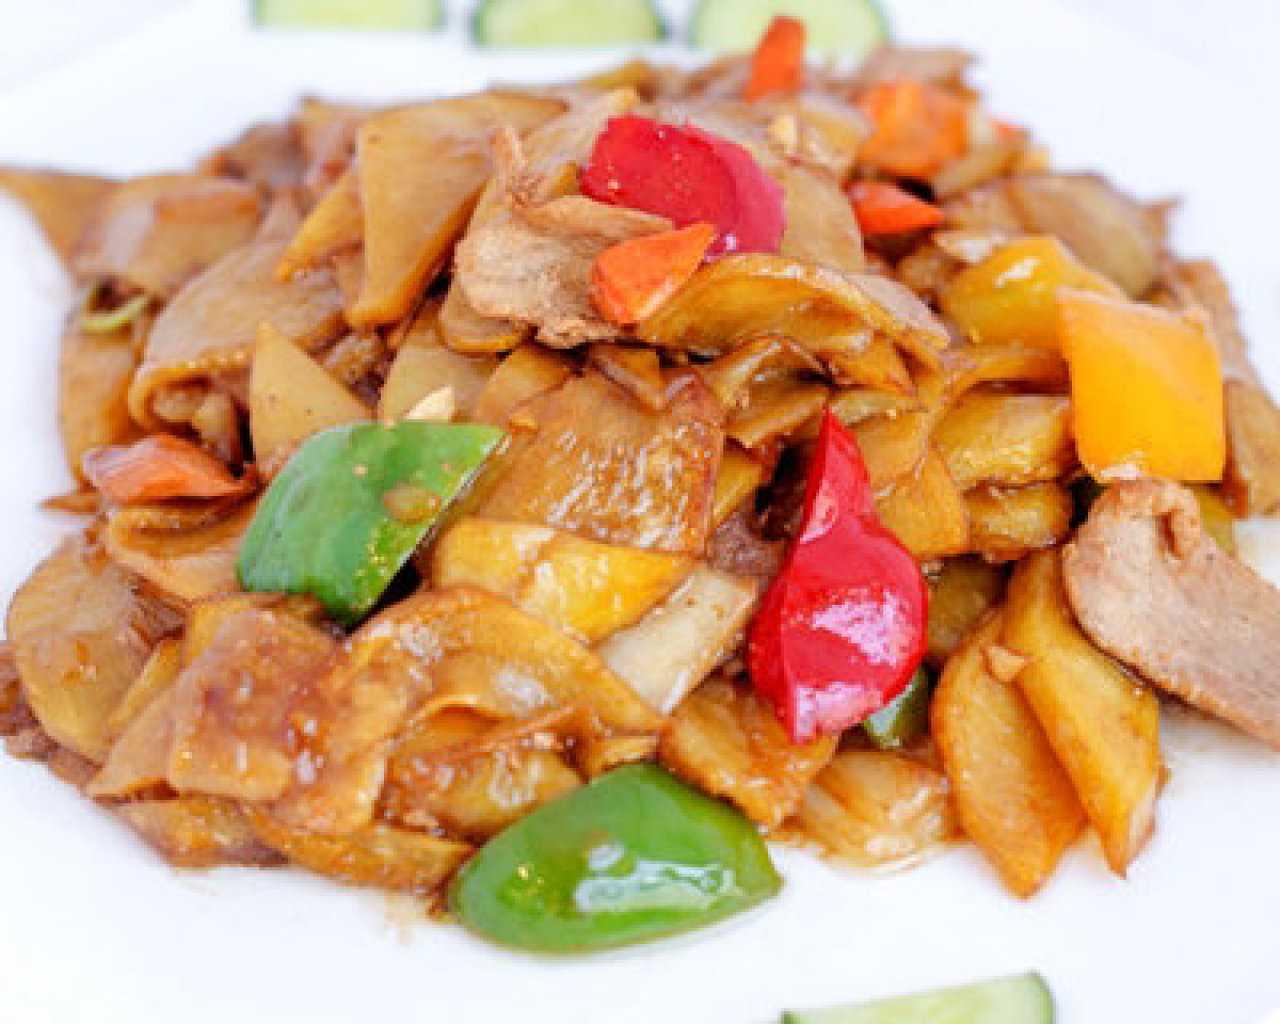 Маринованный папоротник: как собирать, как готовить. Пошаговые рецепты из маринованного папоротника на зиму и на каждый день: с мясом, овощами, соевым соусом и чесноком.